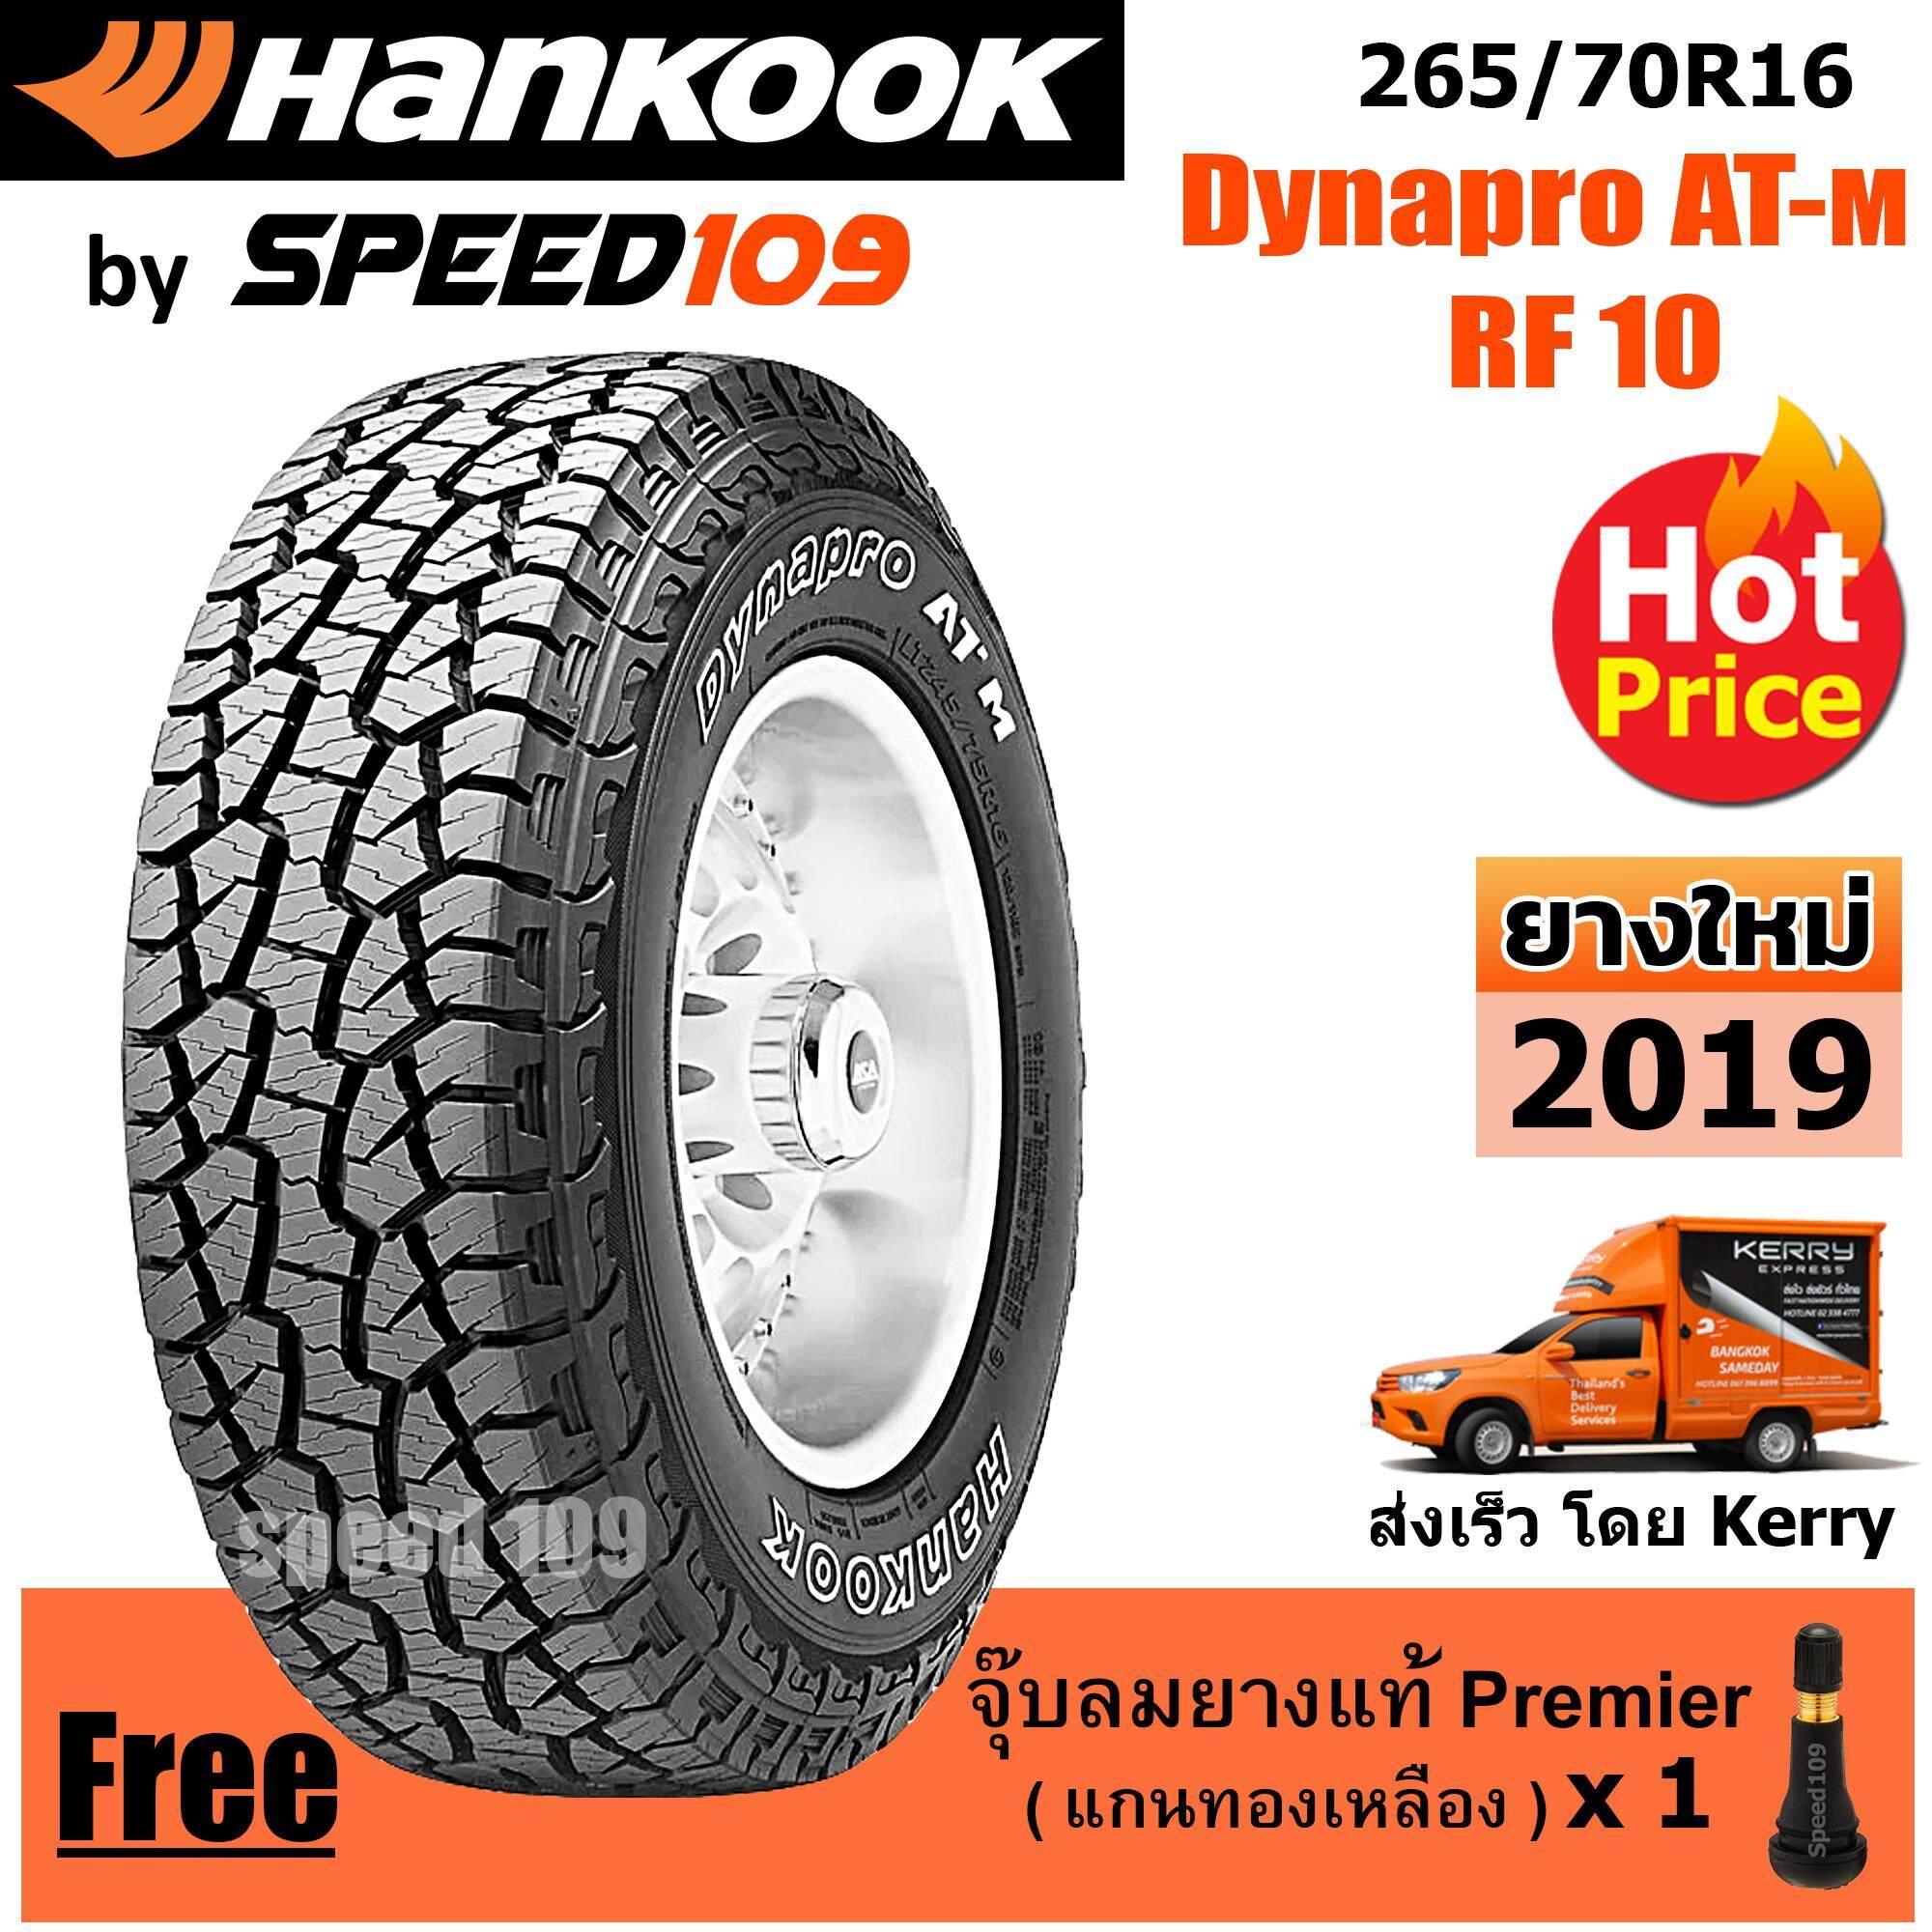 ประกันภัย รถยนต์ 2+ ตรัง HANKOOK ยางรถยนต์ ขอบ 16 ขนาด 265/70R16 รุ่น Dynapro ATM  RF10 - 1 เส้น (ปี 2019)